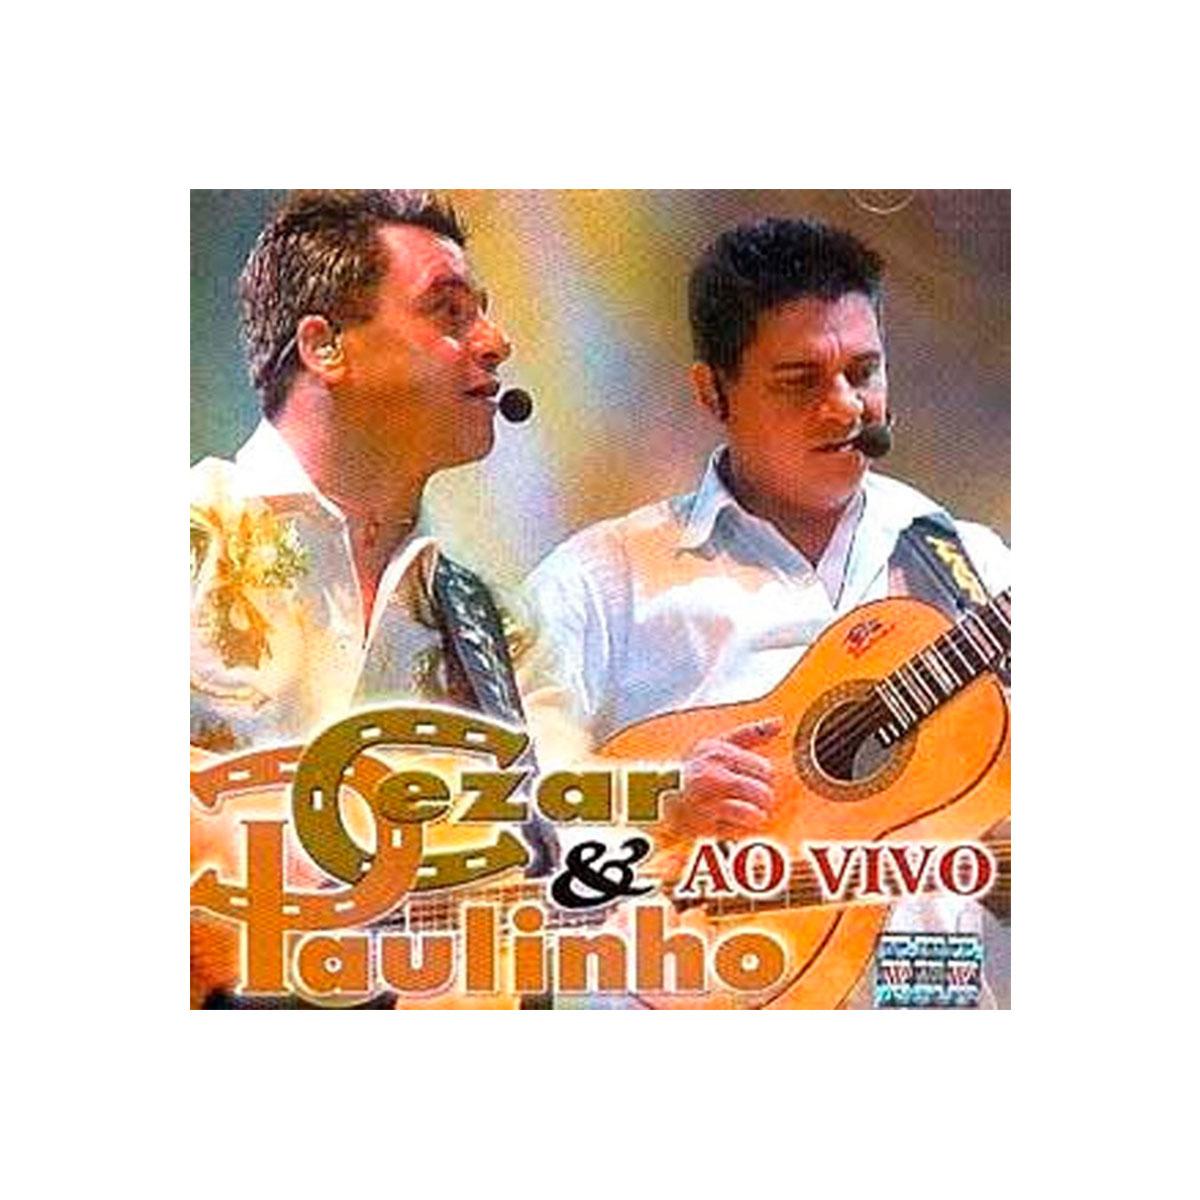 CD Cezar & Paulinho Ao Vivo